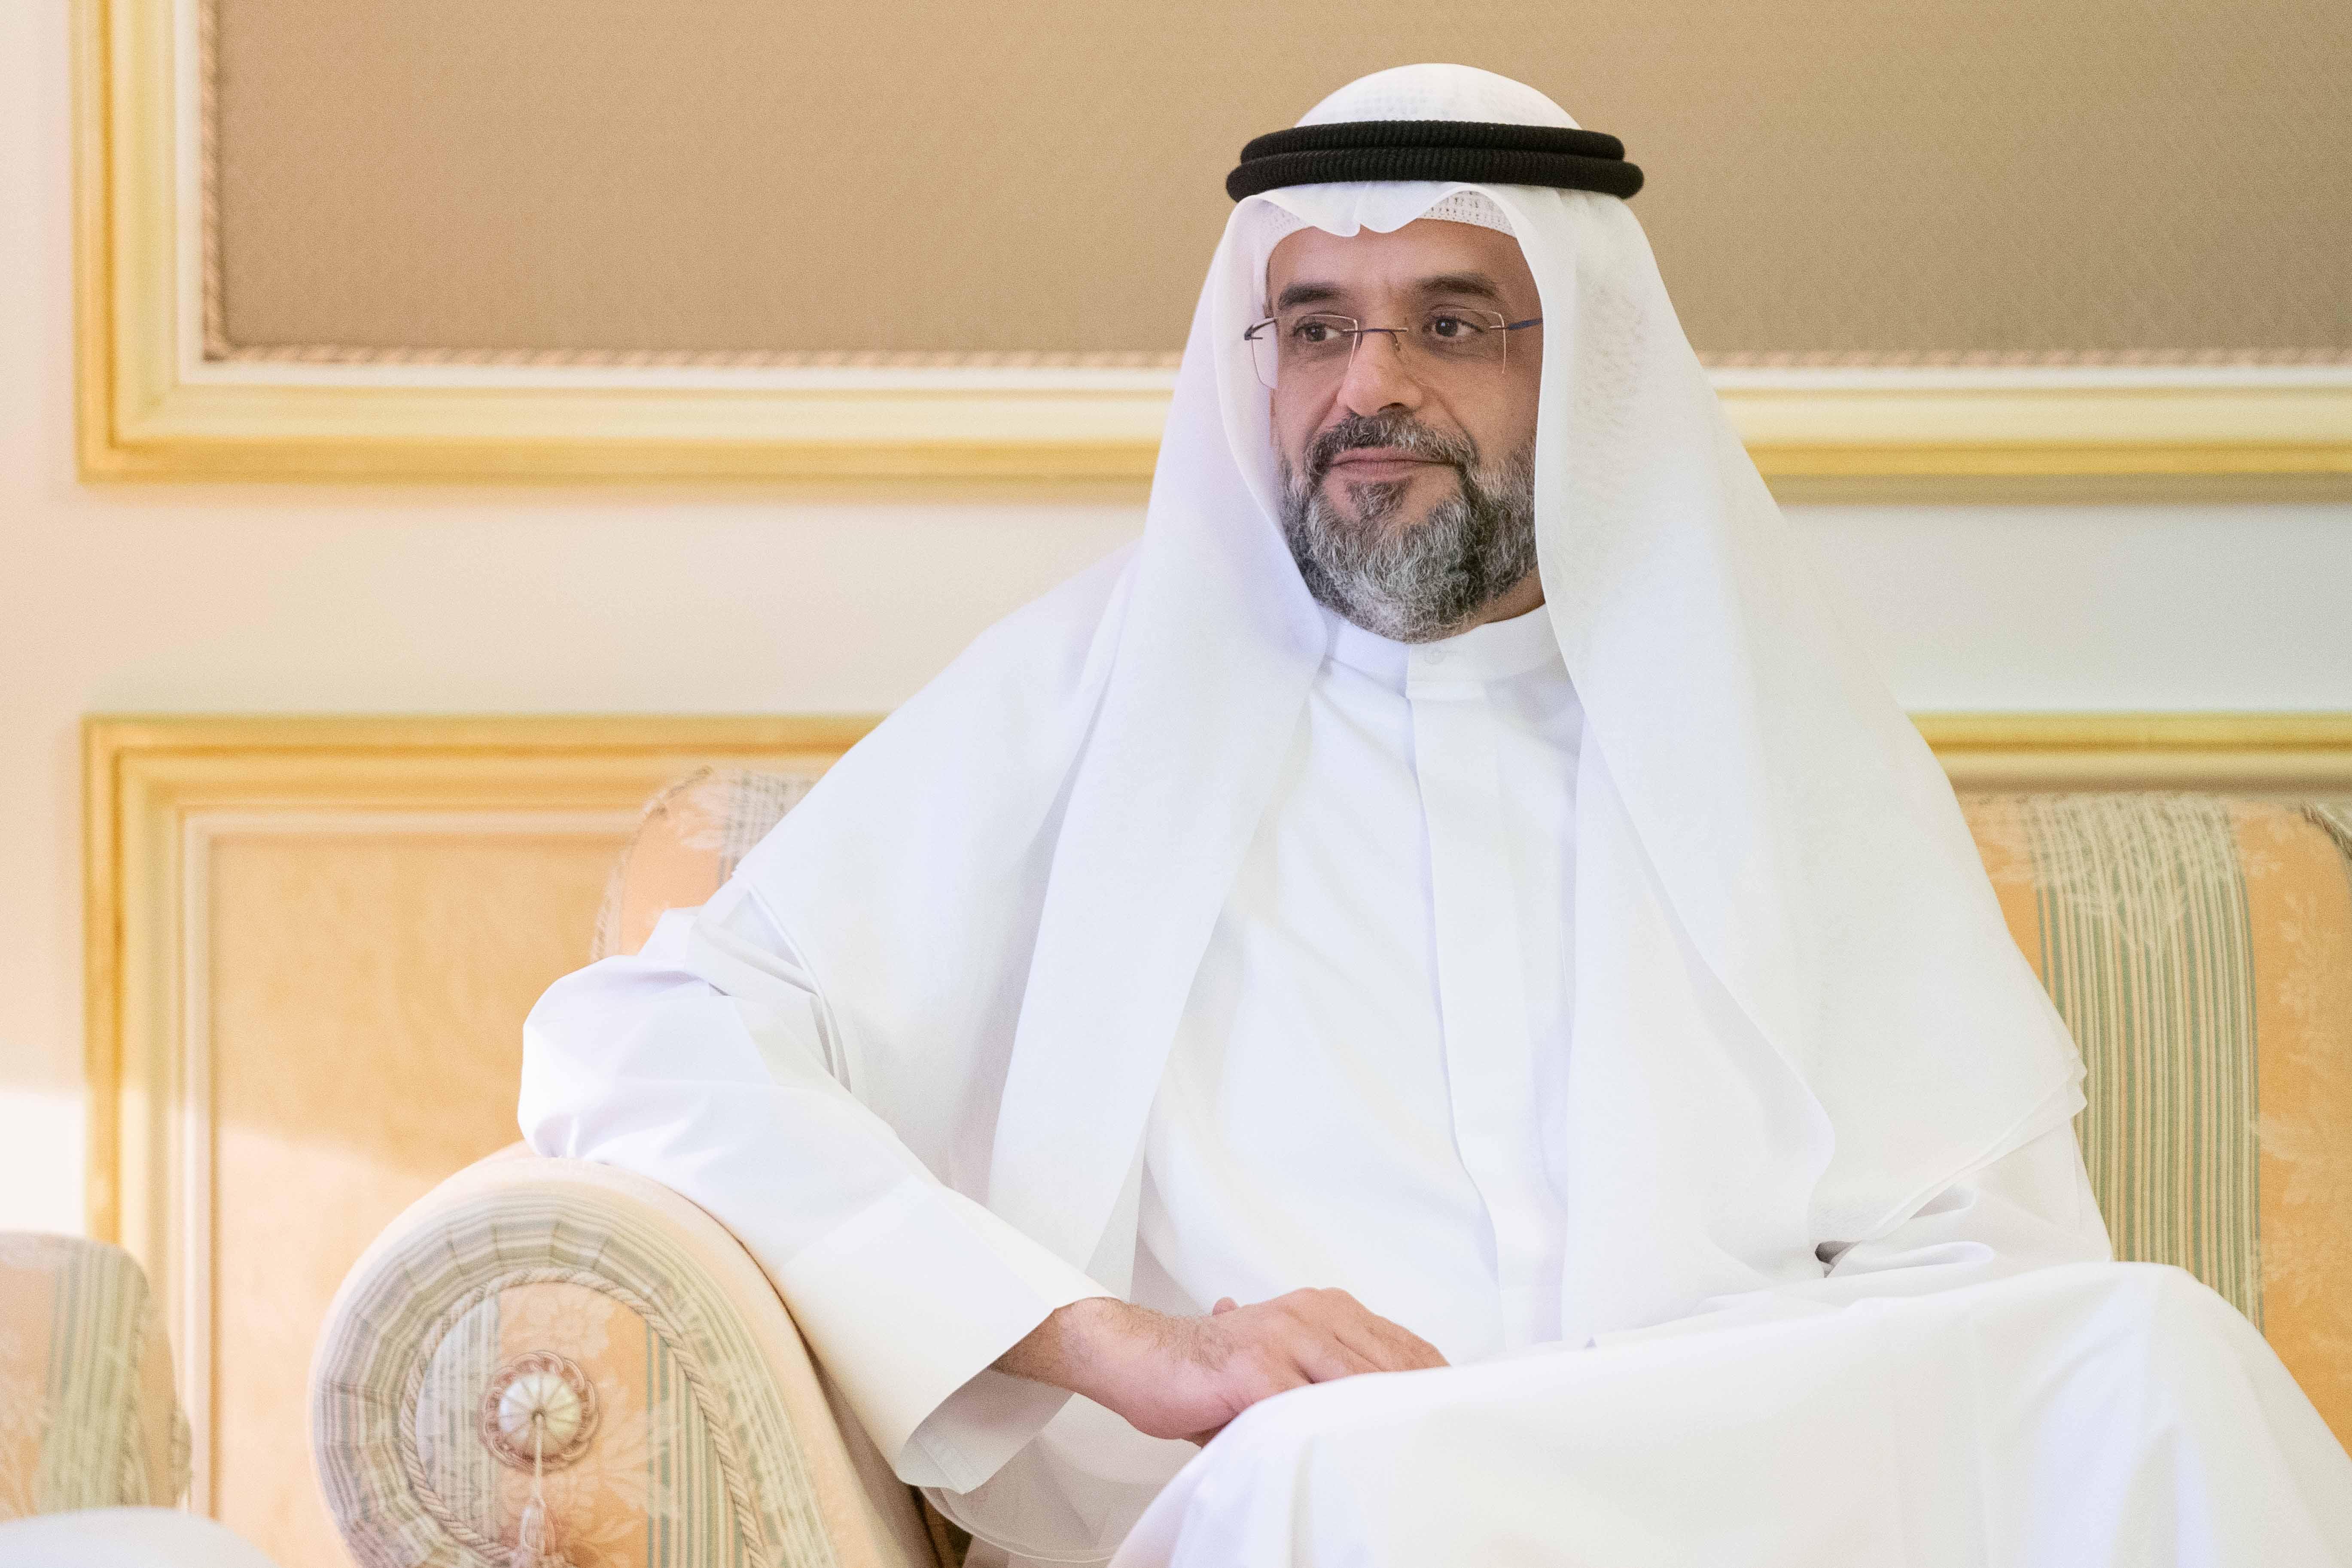 سلطان بن محمد بن سلطان القاسمي يستقبل لجنة إمارة الشارقة لانتخابات